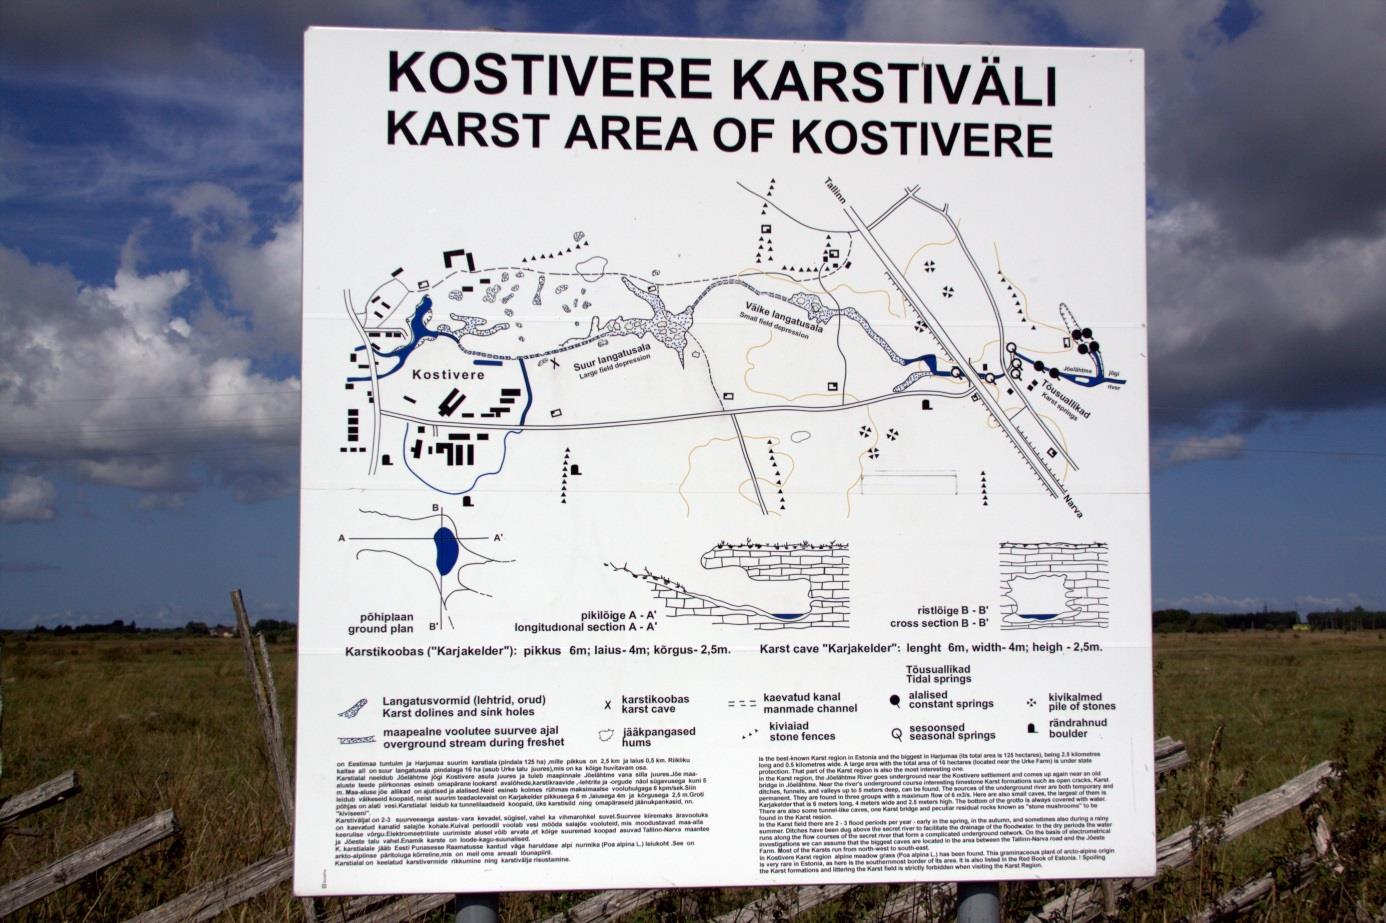 Kostivere karstivälja asendiplaan kohapeal (foto: T. Meidla, 2013).